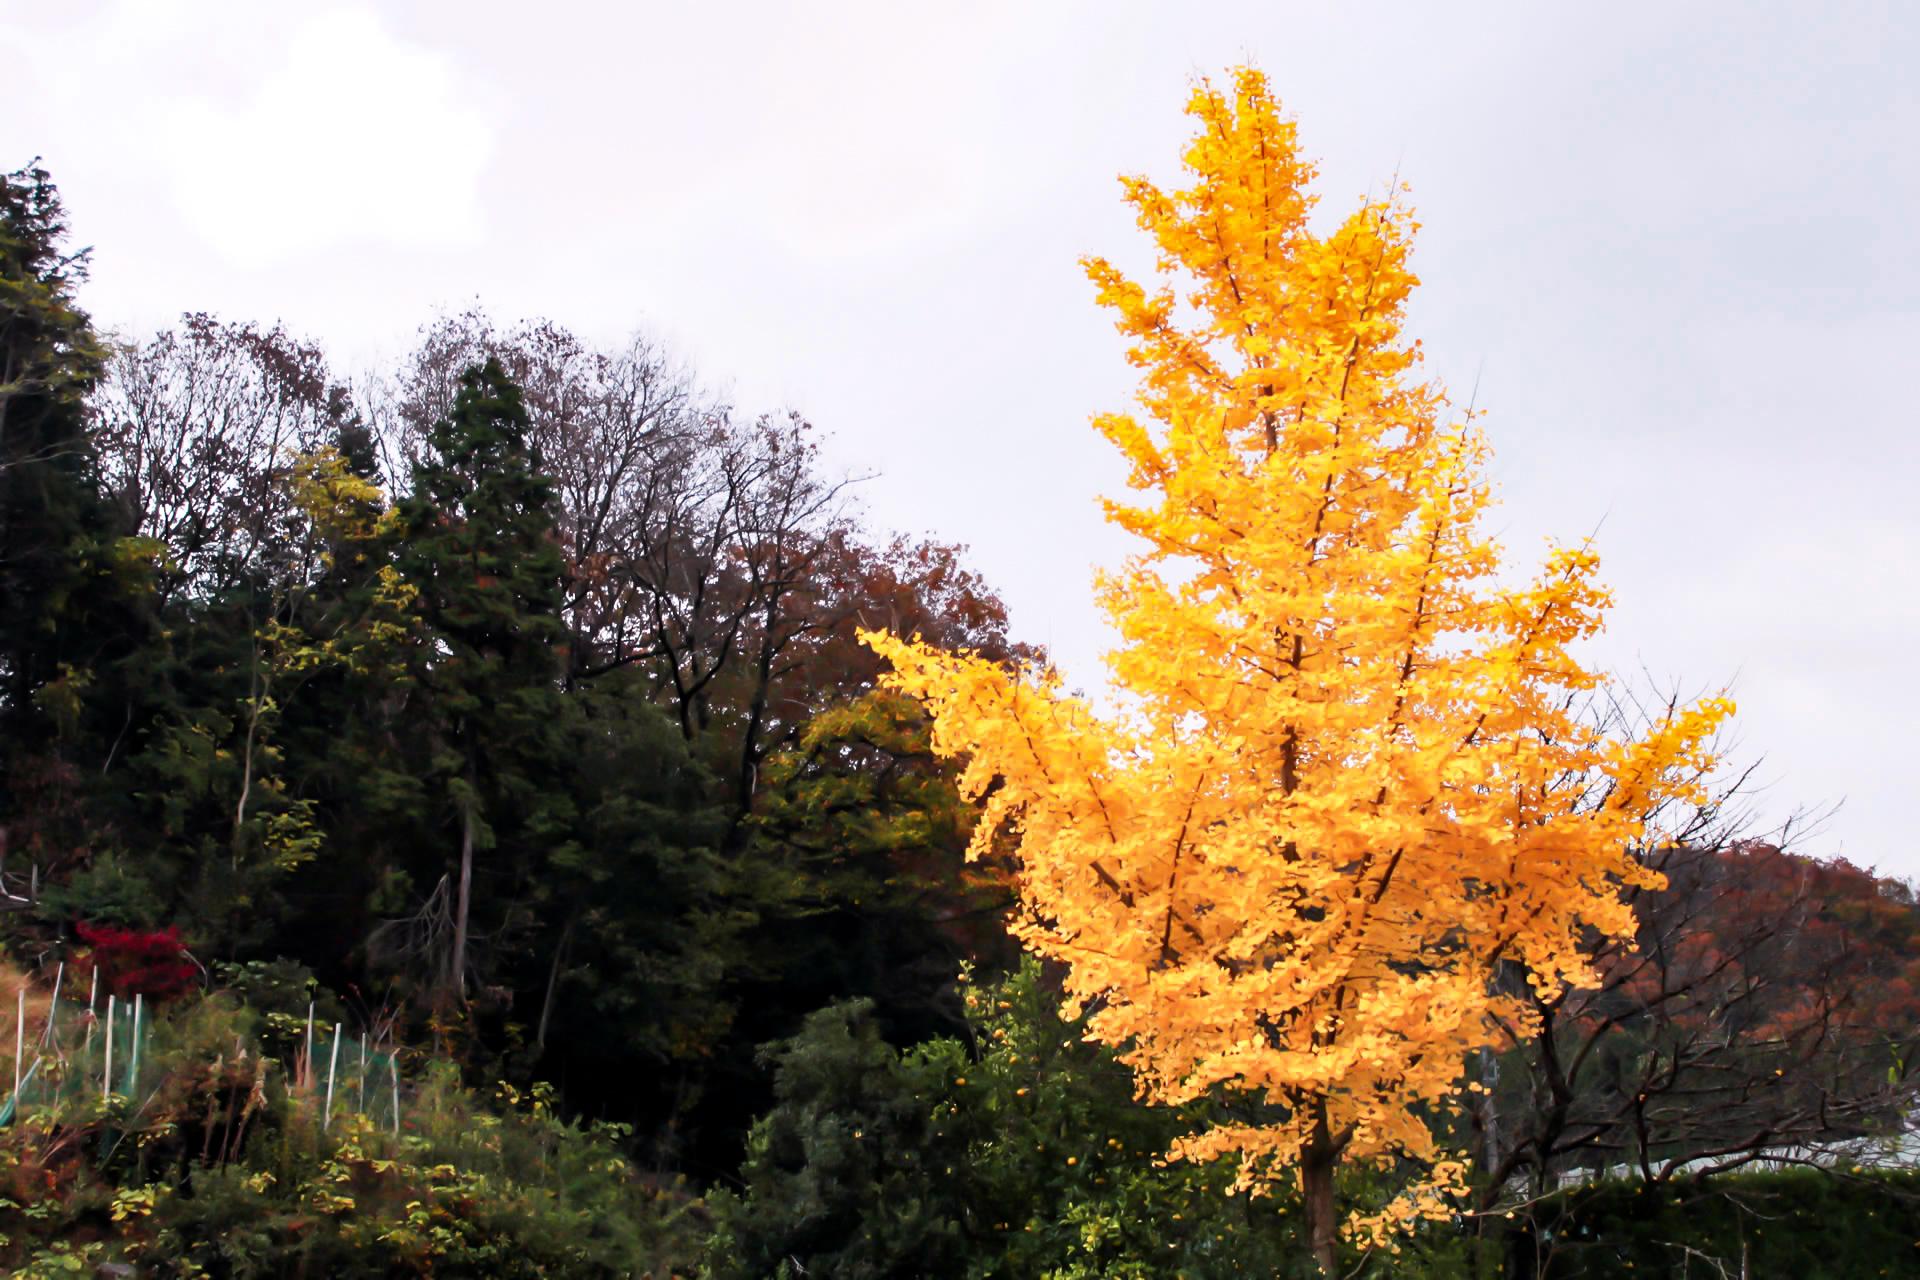 曇天に光輝く銀杏の木